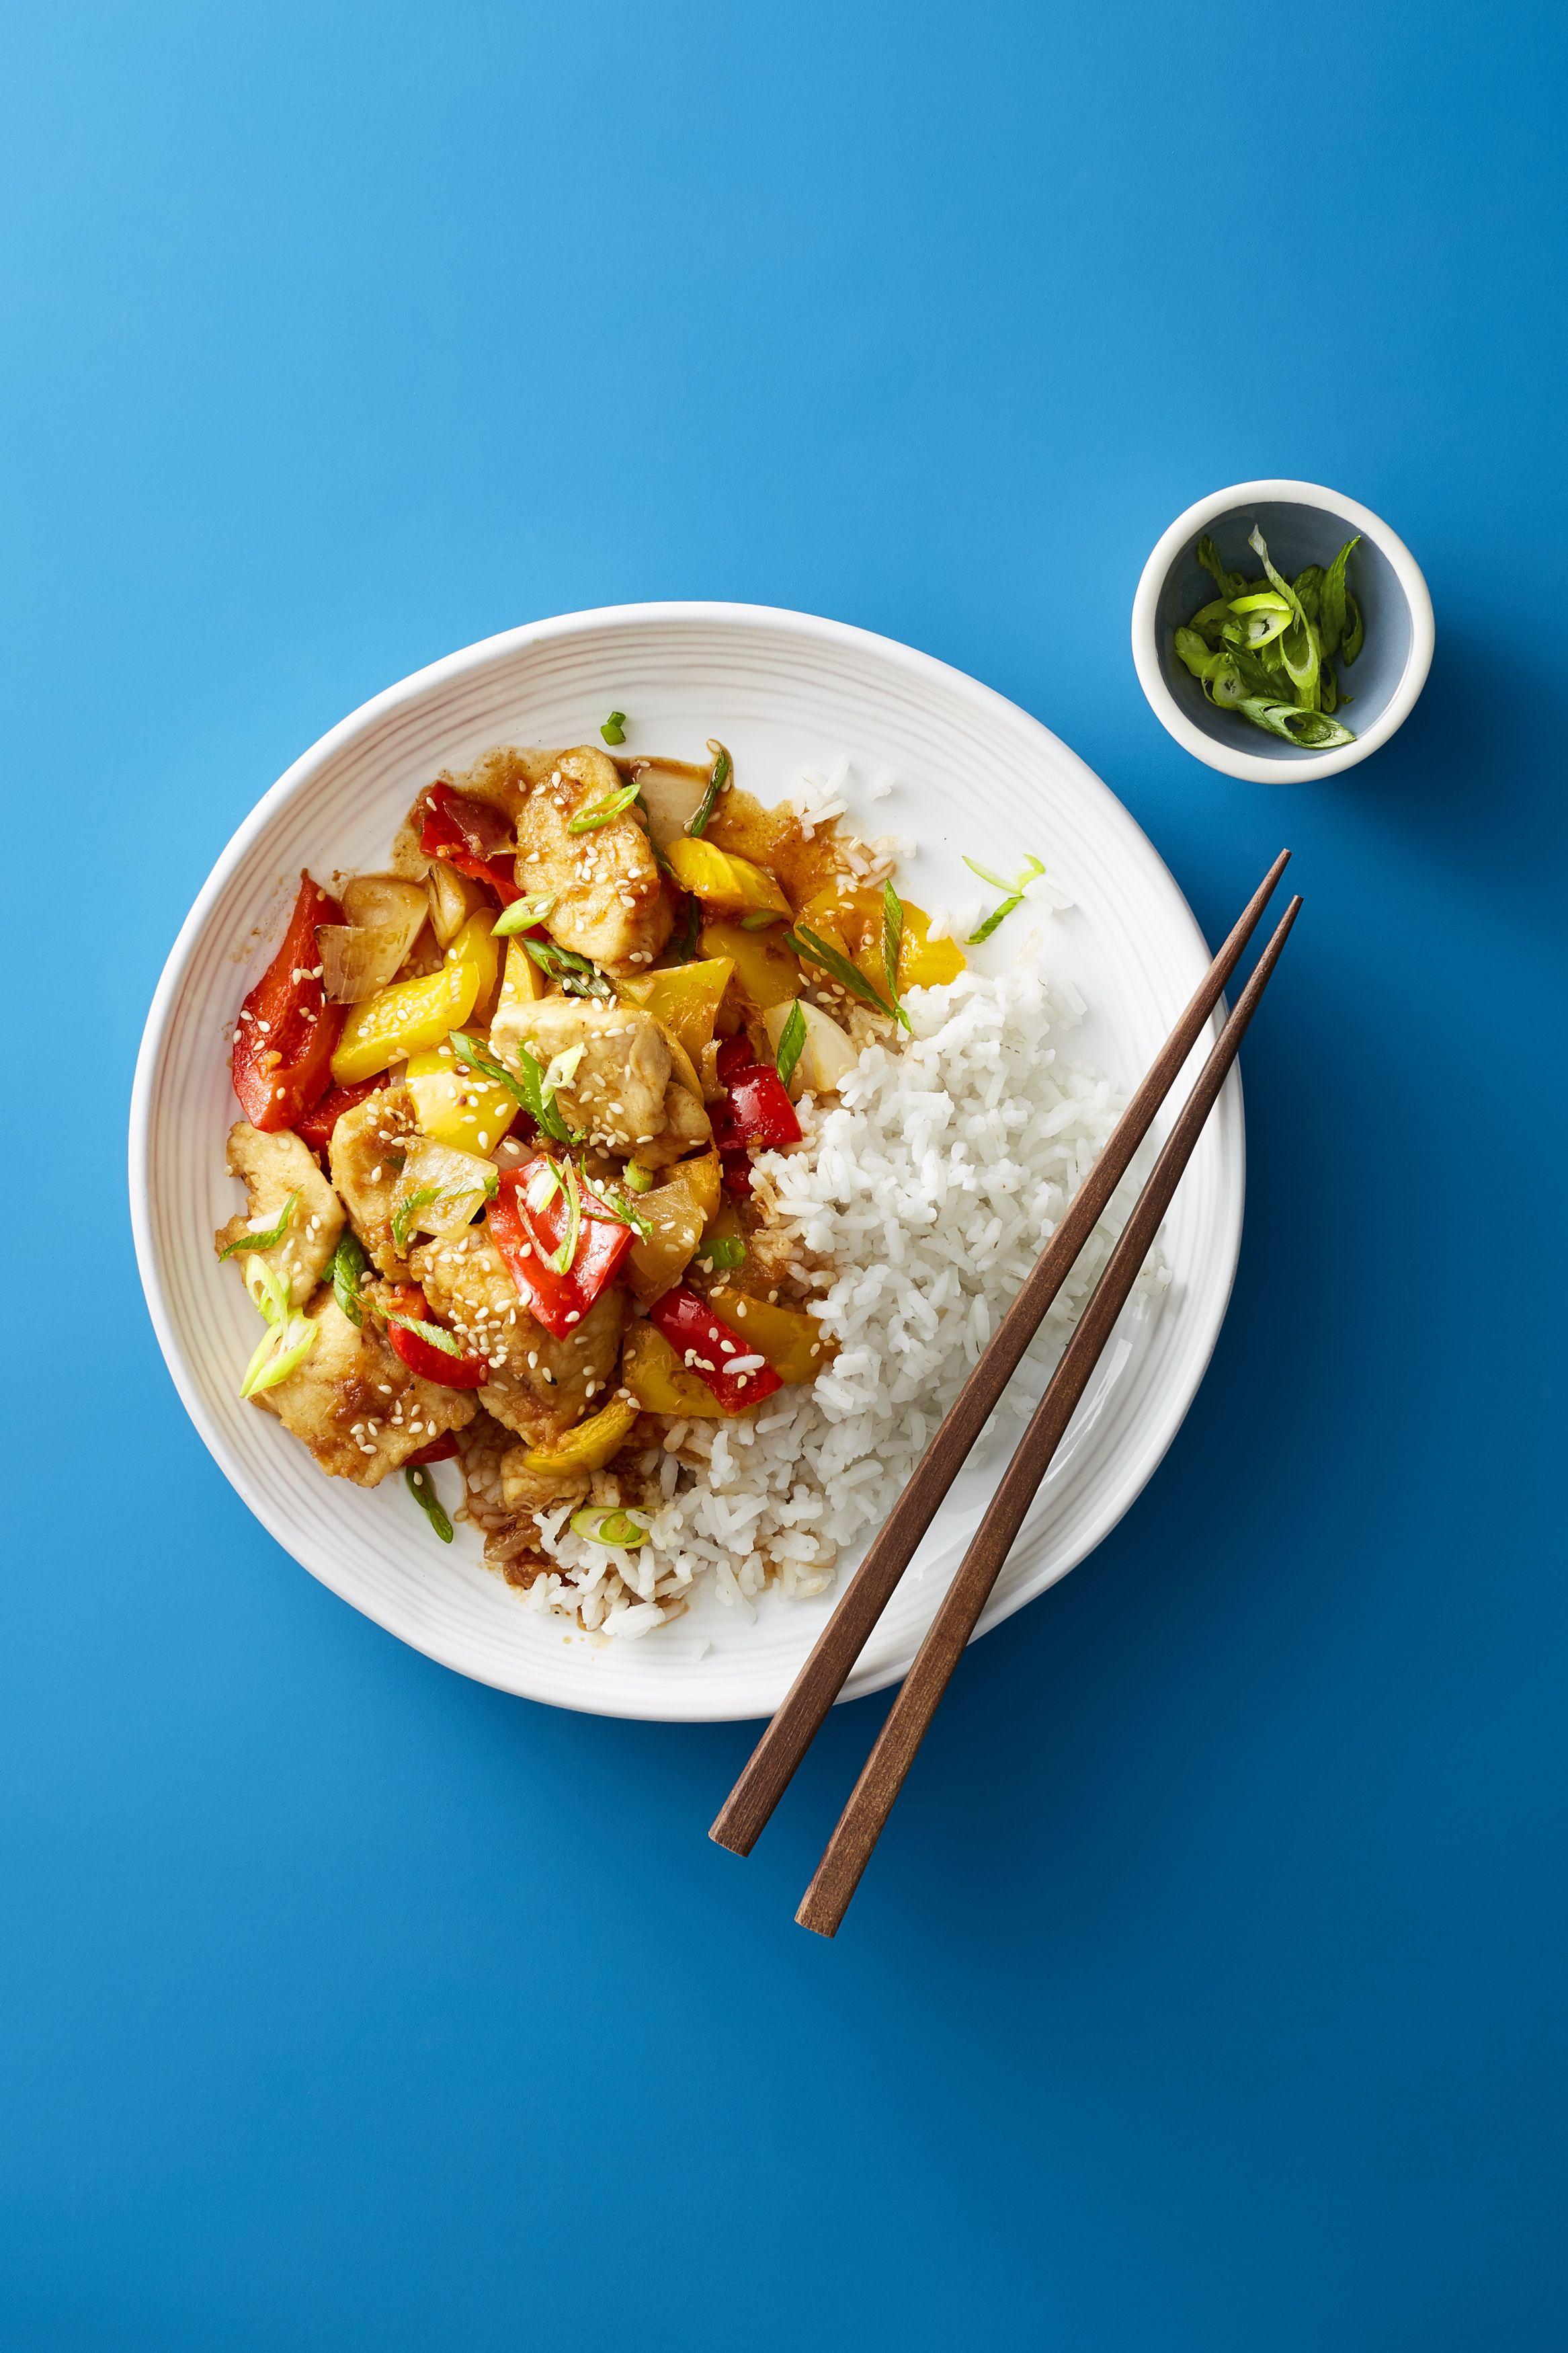 How to Make Sesame Chicken Stir-Fry - Best Sesame Chicken Stir-Fry ...